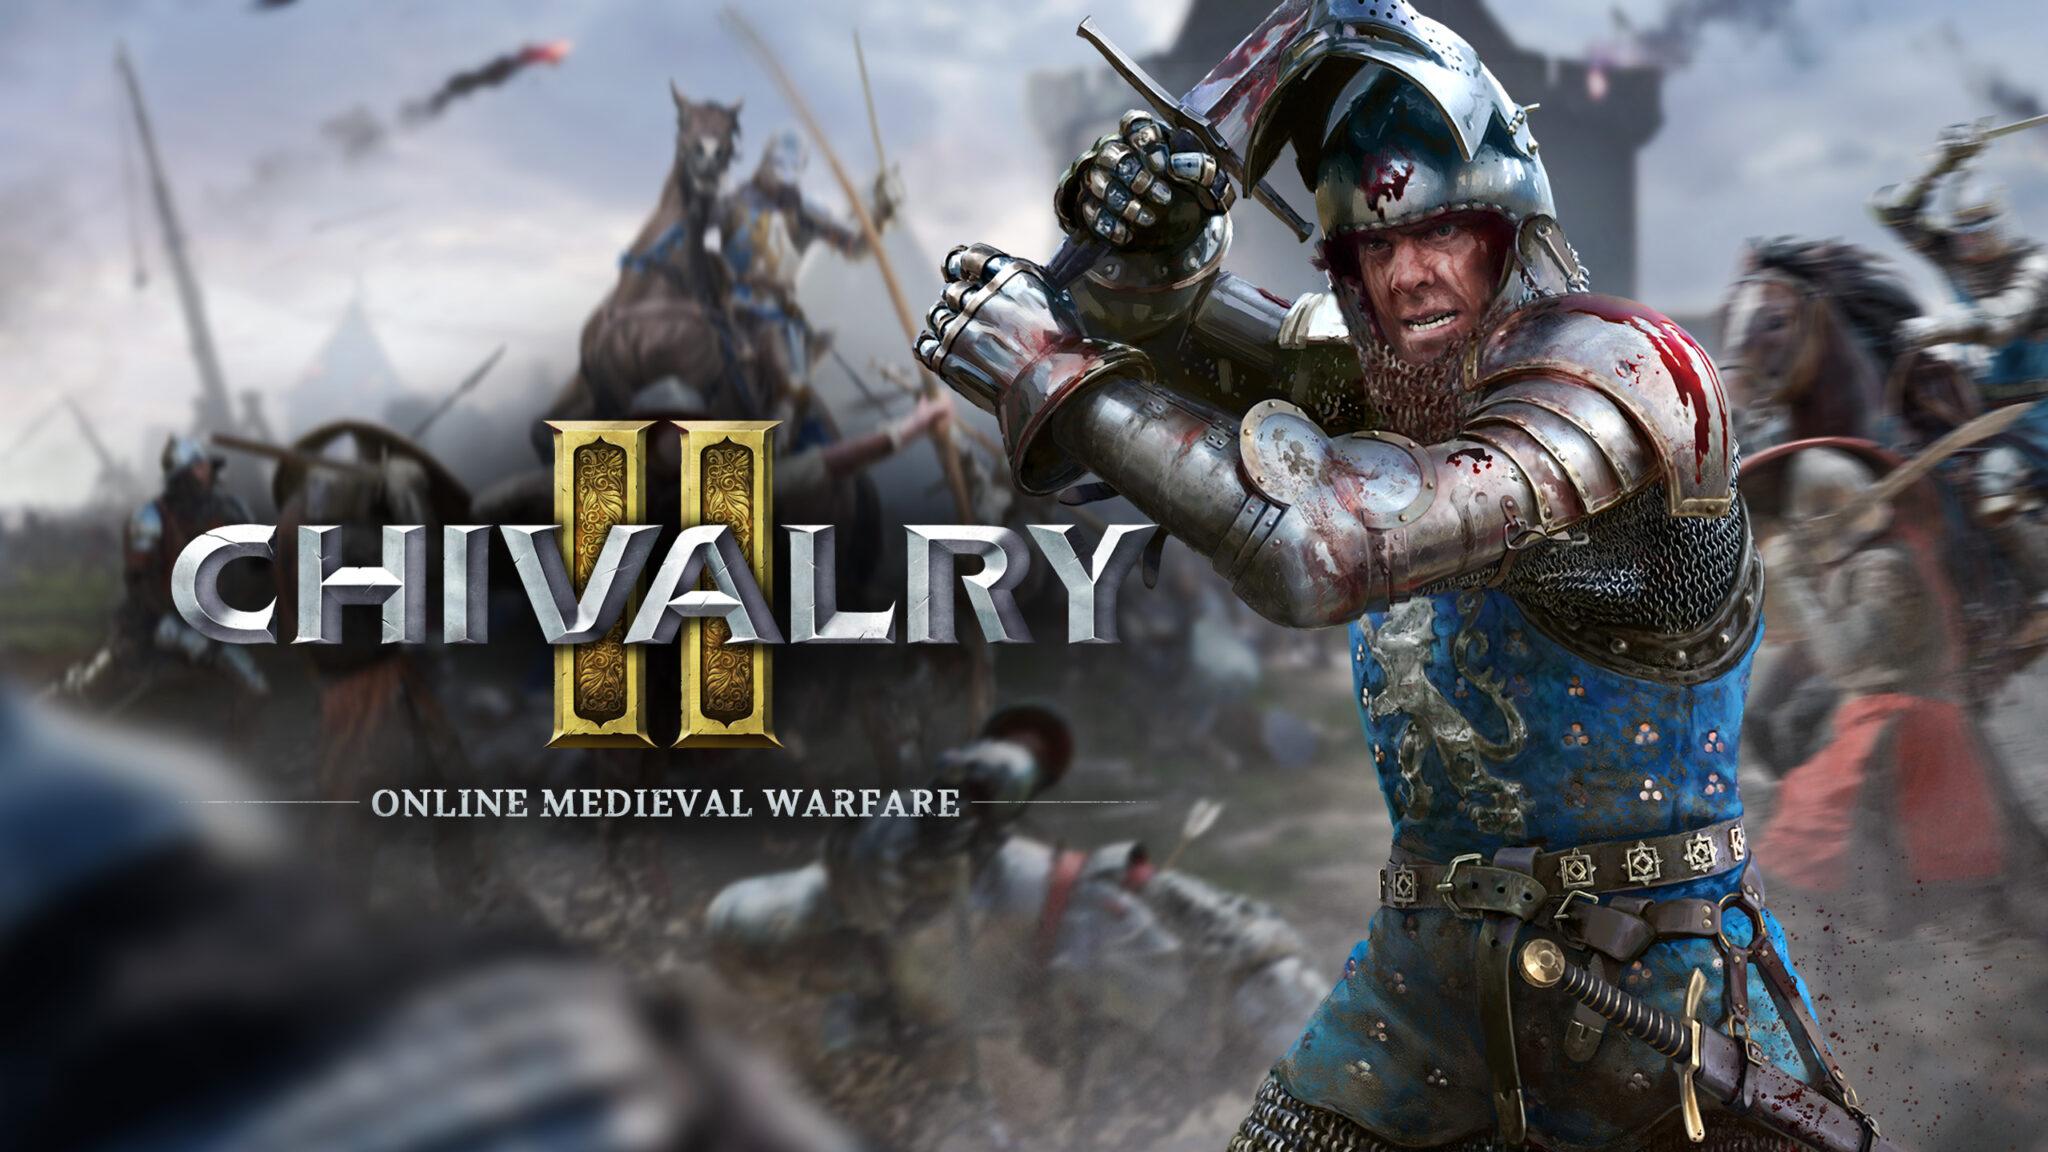 نقد و بررسی بازی Chivalry 2؛ جنگآوری قرون وسطایی